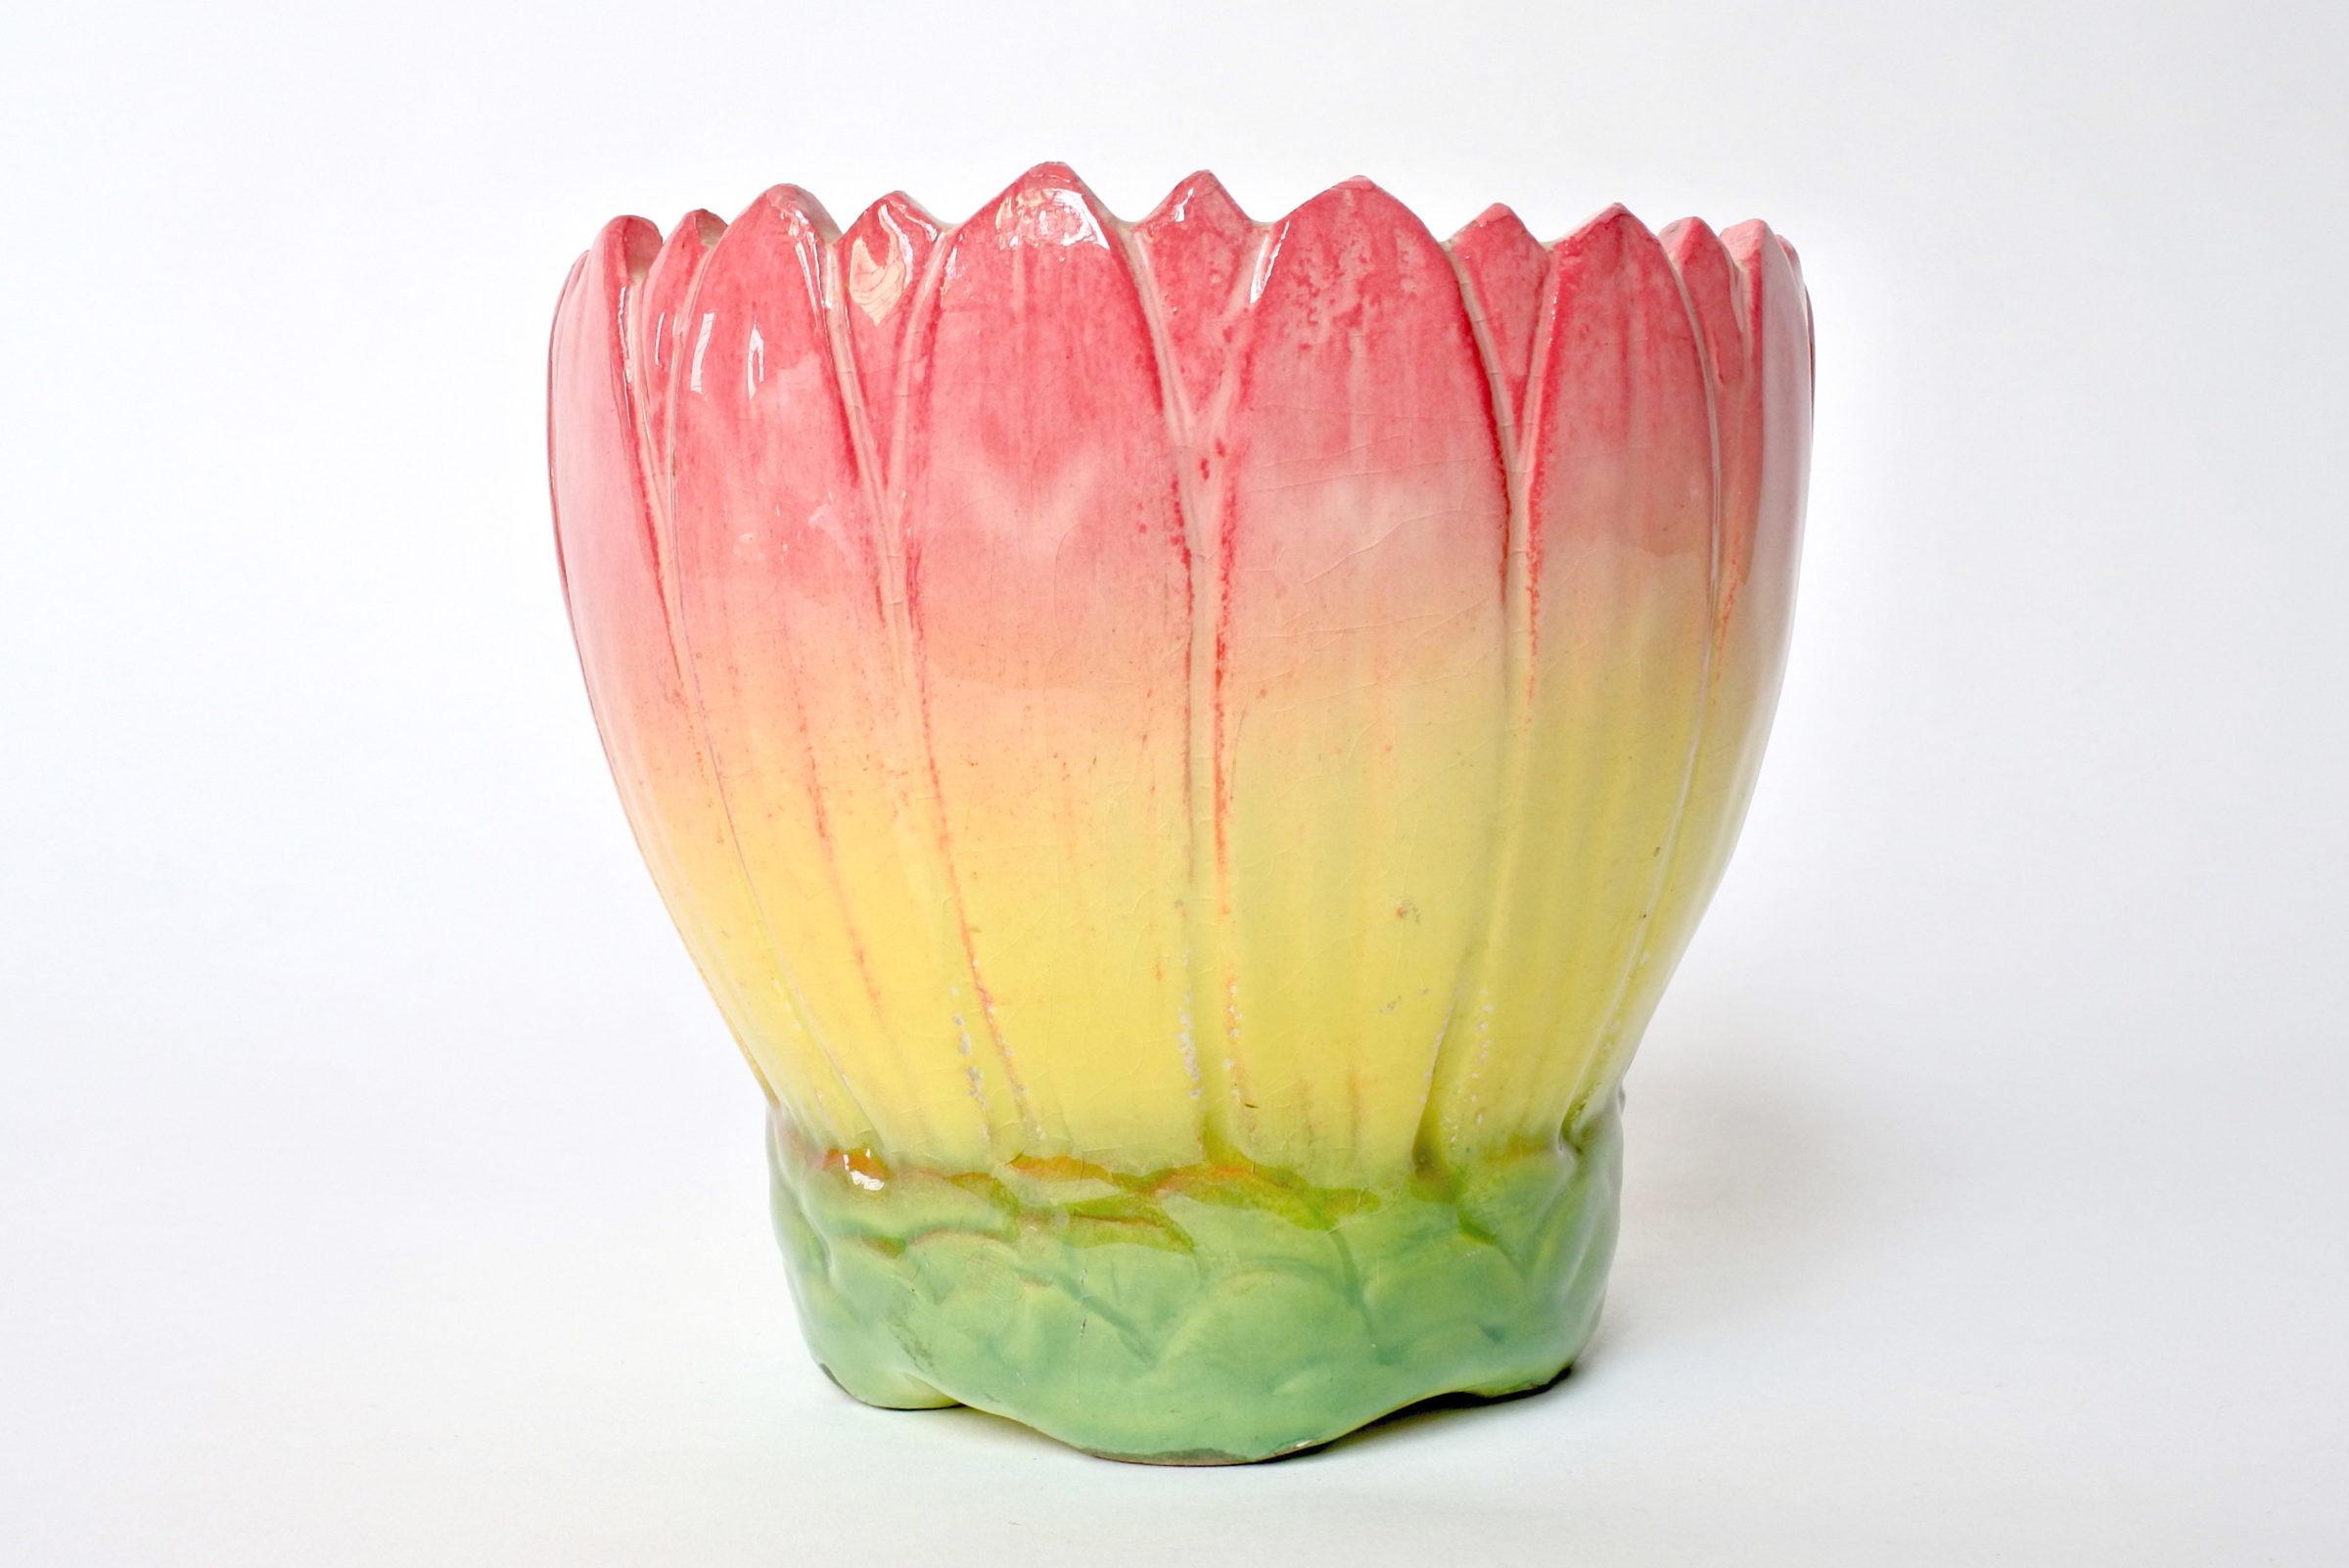 Cache pot Massier in ceramica barbotine a forma di corolla di fiore